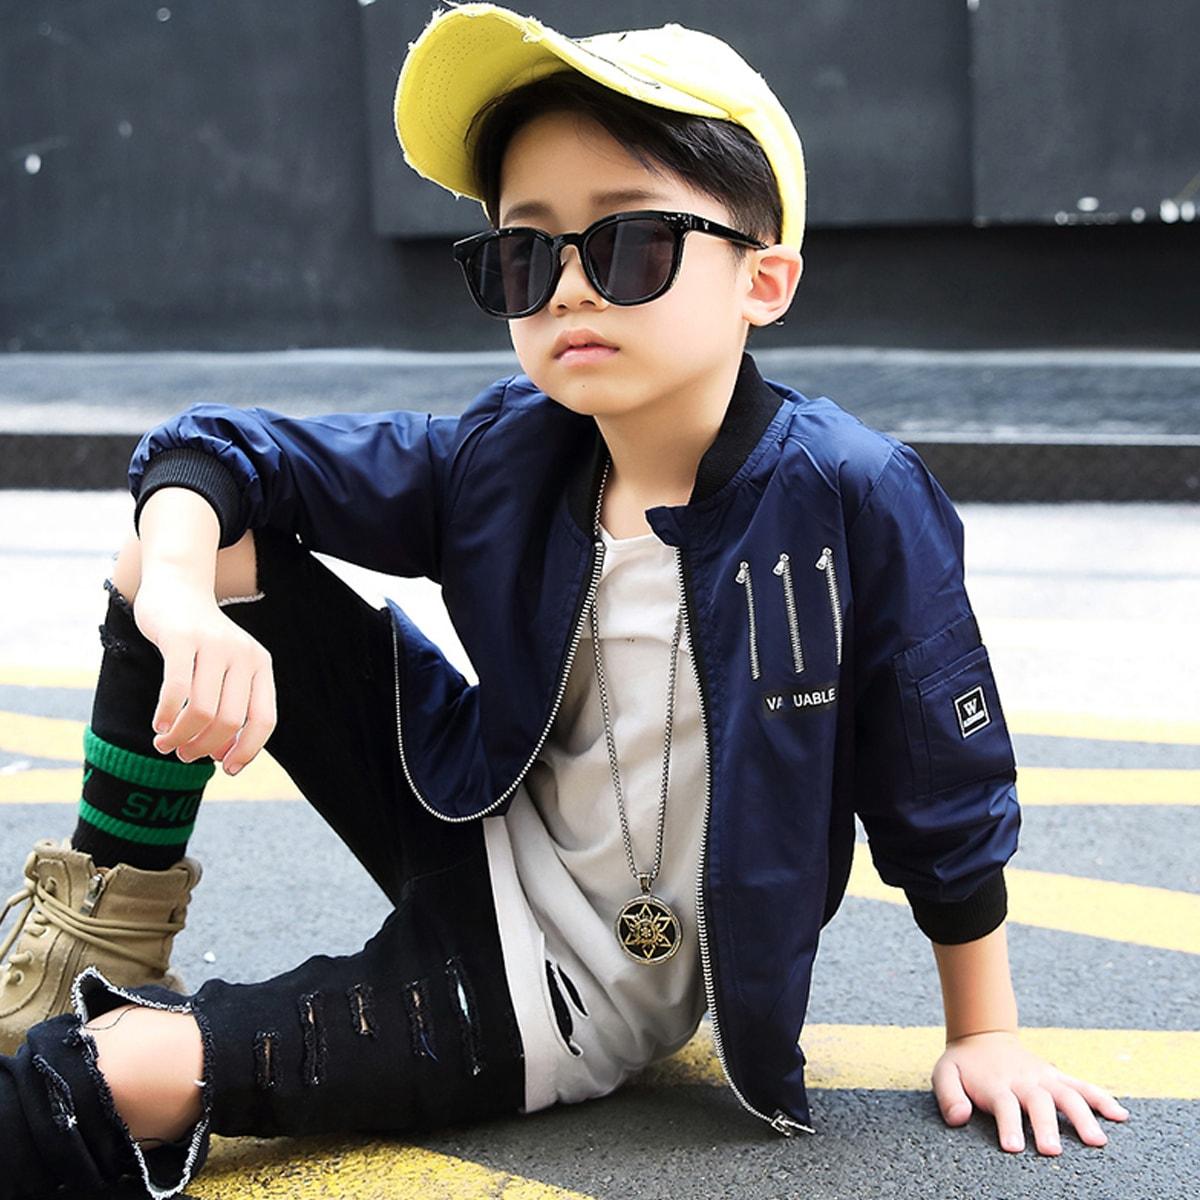 ネイビー/紺 男の子着用 イメージ